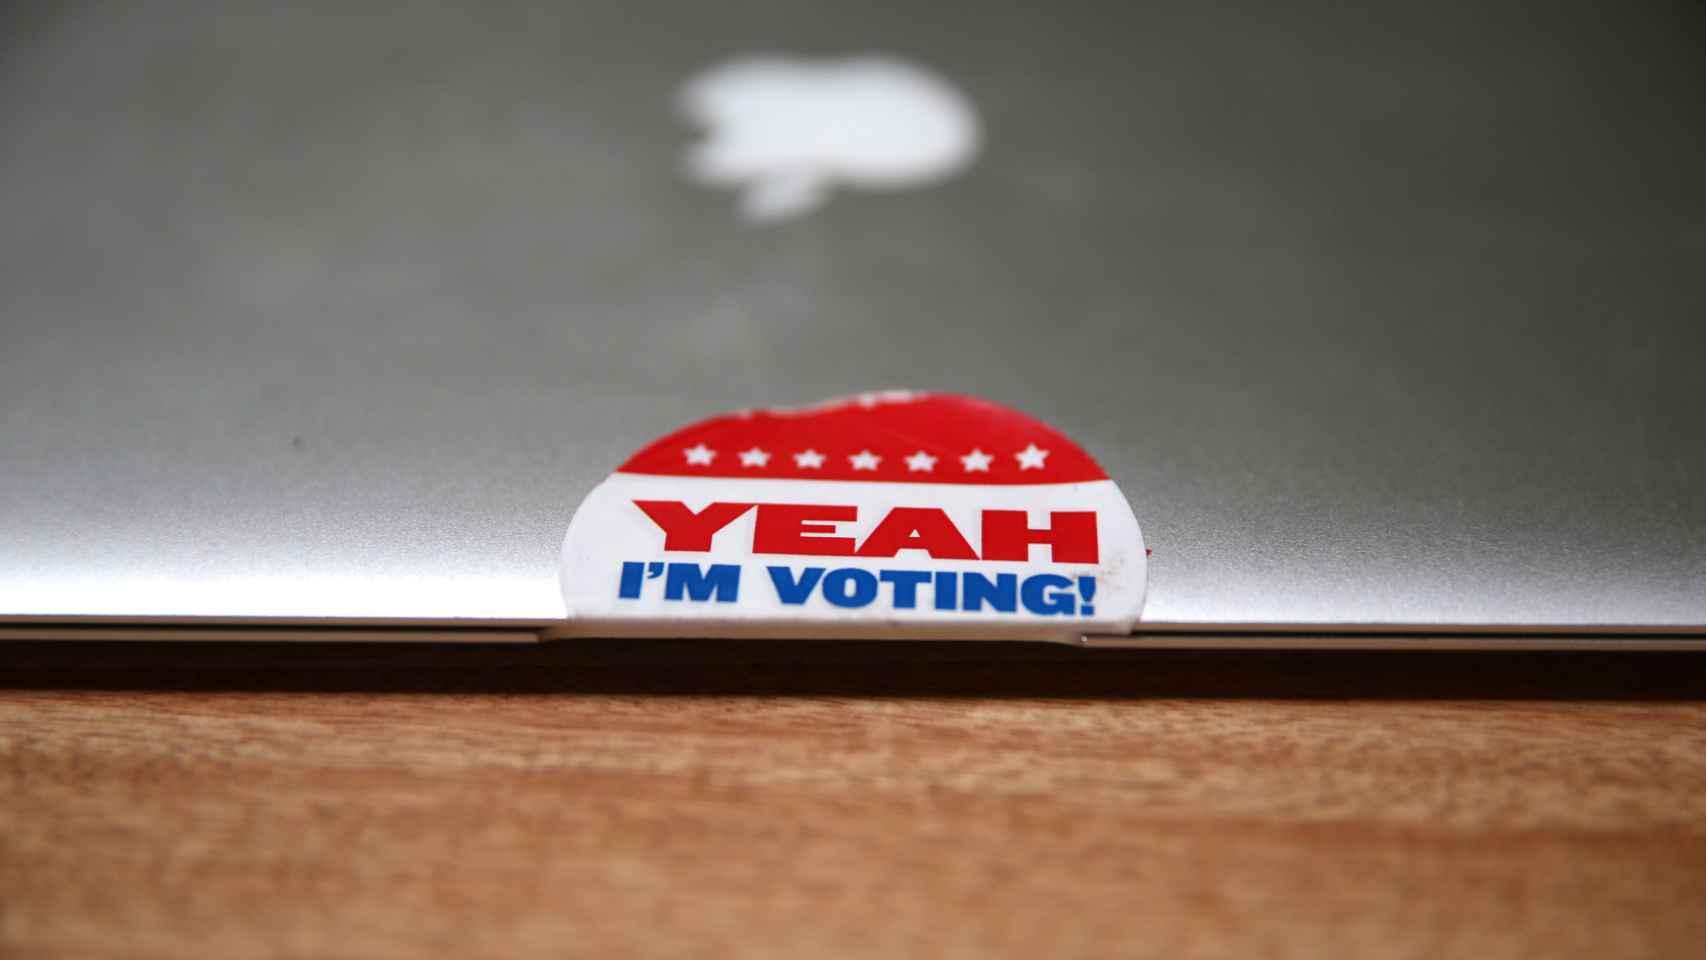 Una pegatina a favor de la participación electoral en un portátil en Los Angeles.